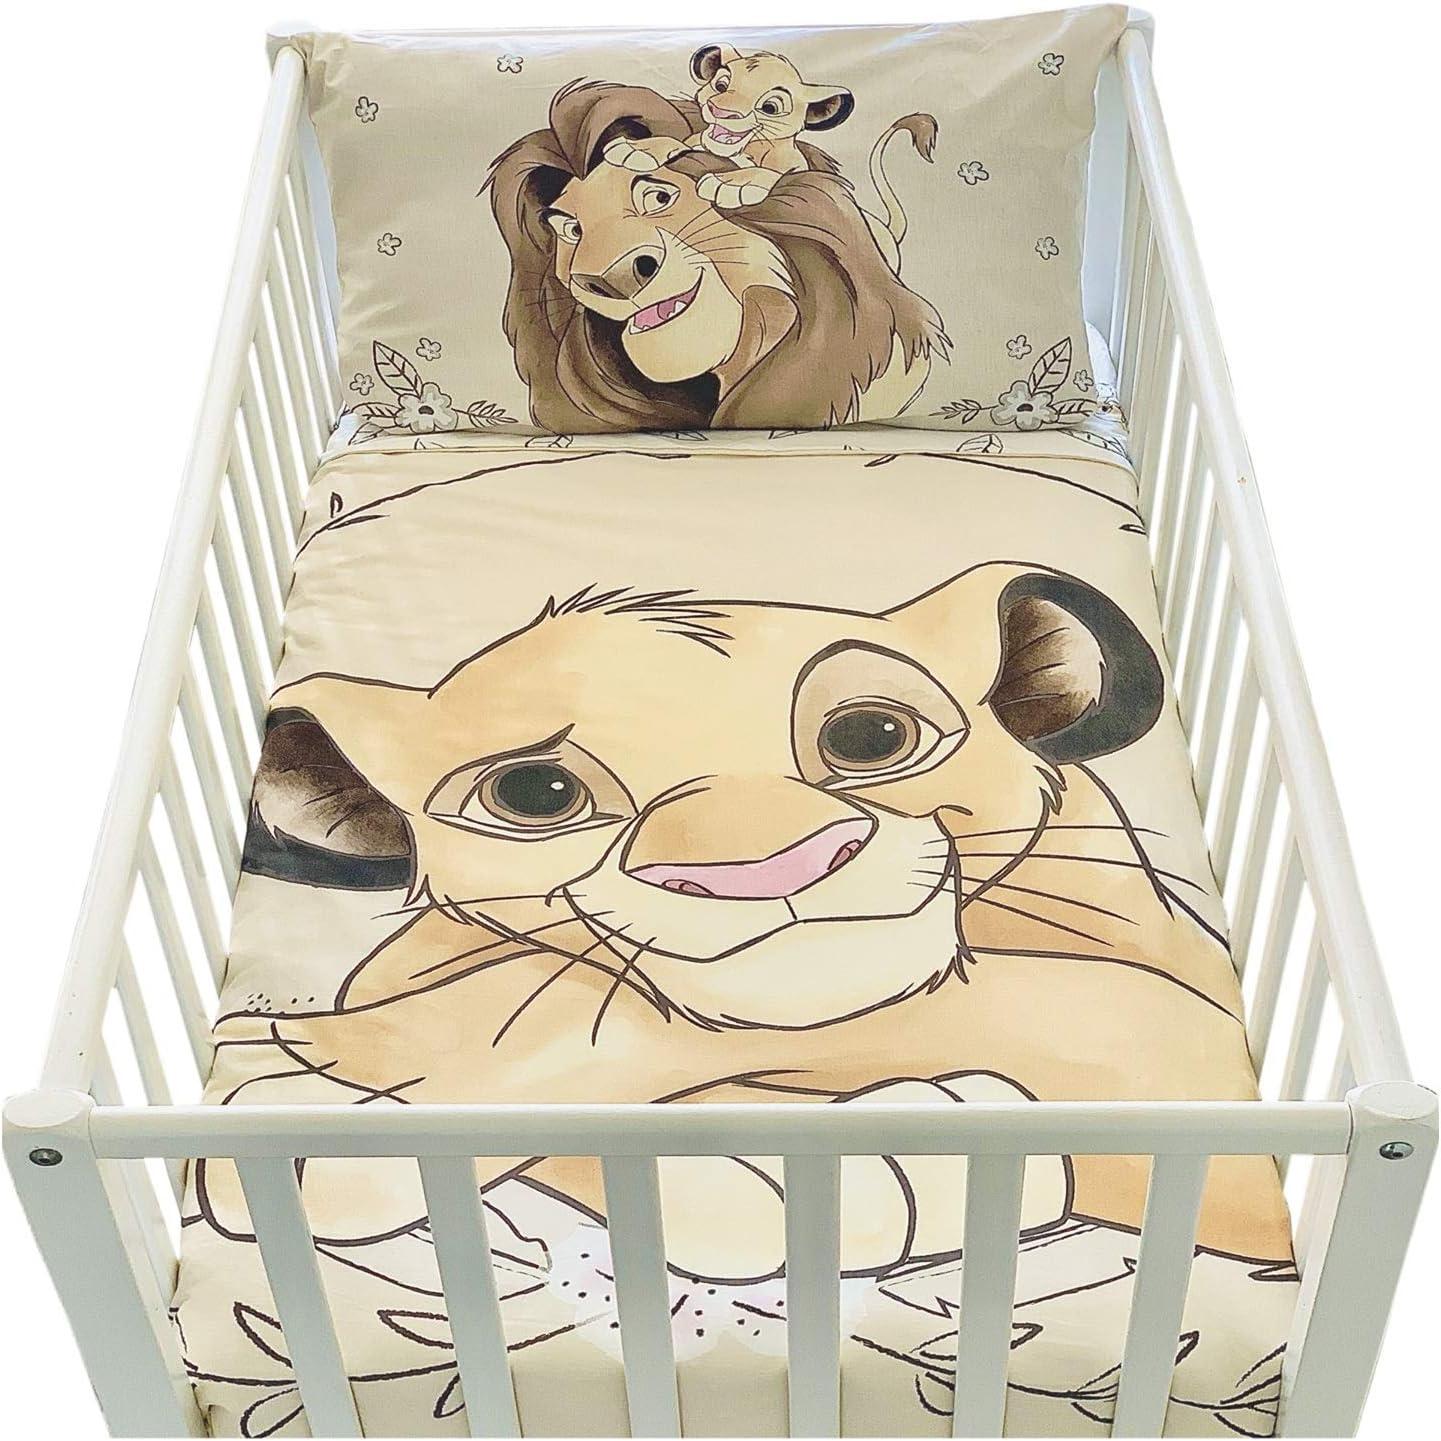 Juego de funda de edredón y funda de almohada para cuna | Juego de funda de edredón y funda de almohada | Juego de cama Disney